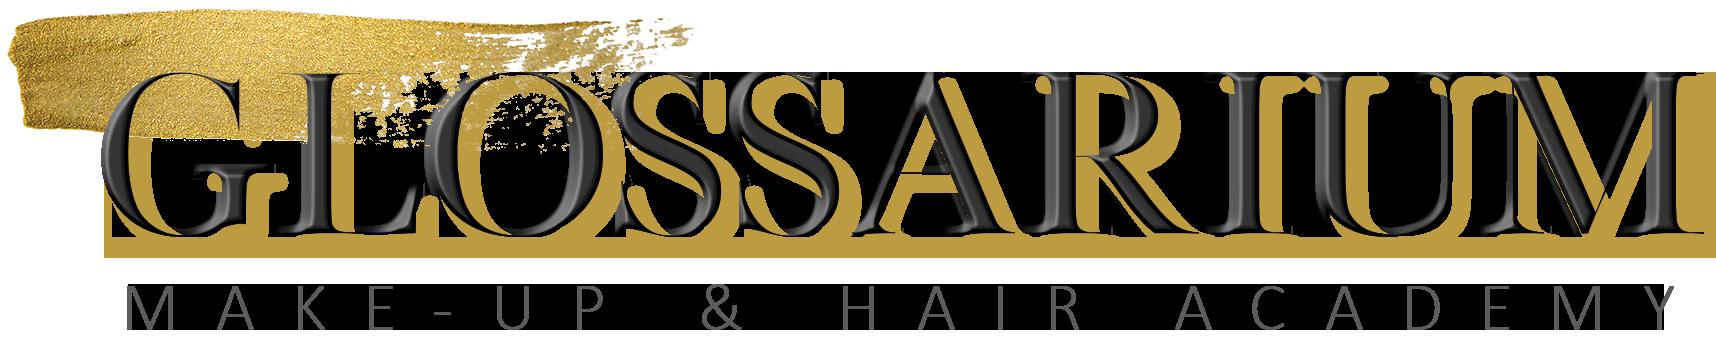 Glossarium Academy ist ein Make-up und Hair Styling Ausbildungszentrum in Basel.  www.glossariumacademy.com